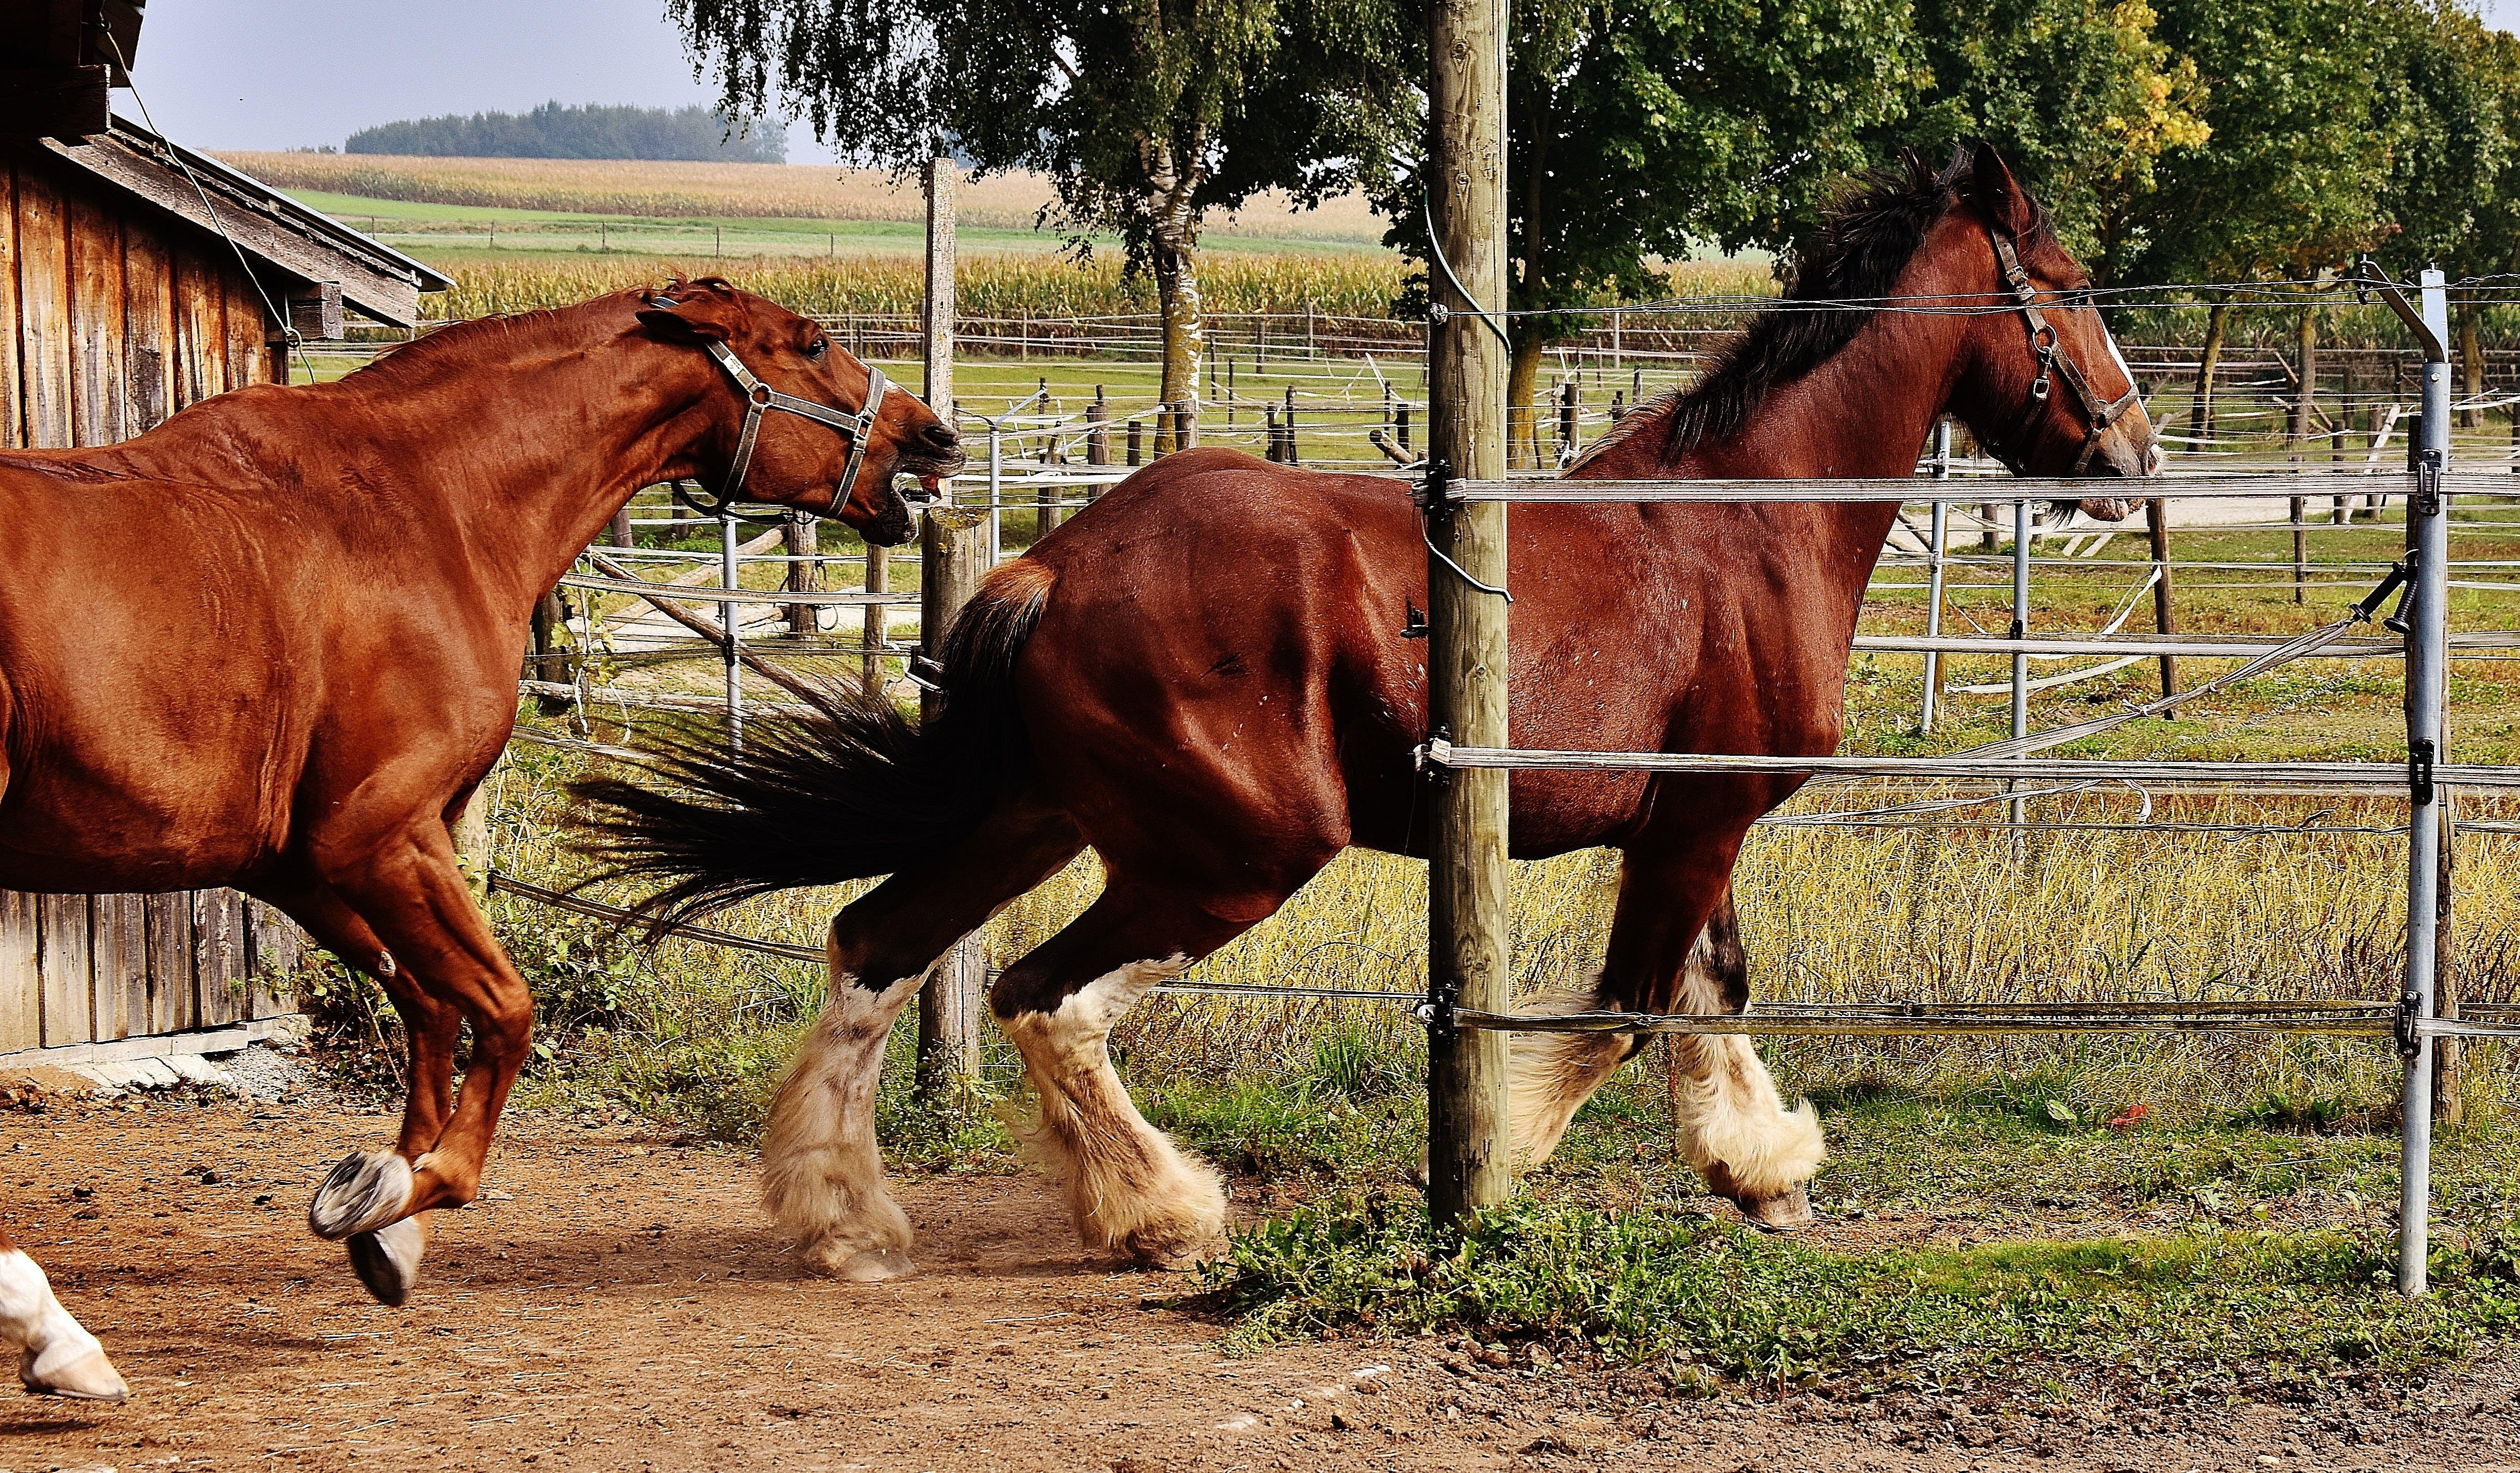 갈기, 경주, 농장, 동물의 무료 스톡 사진